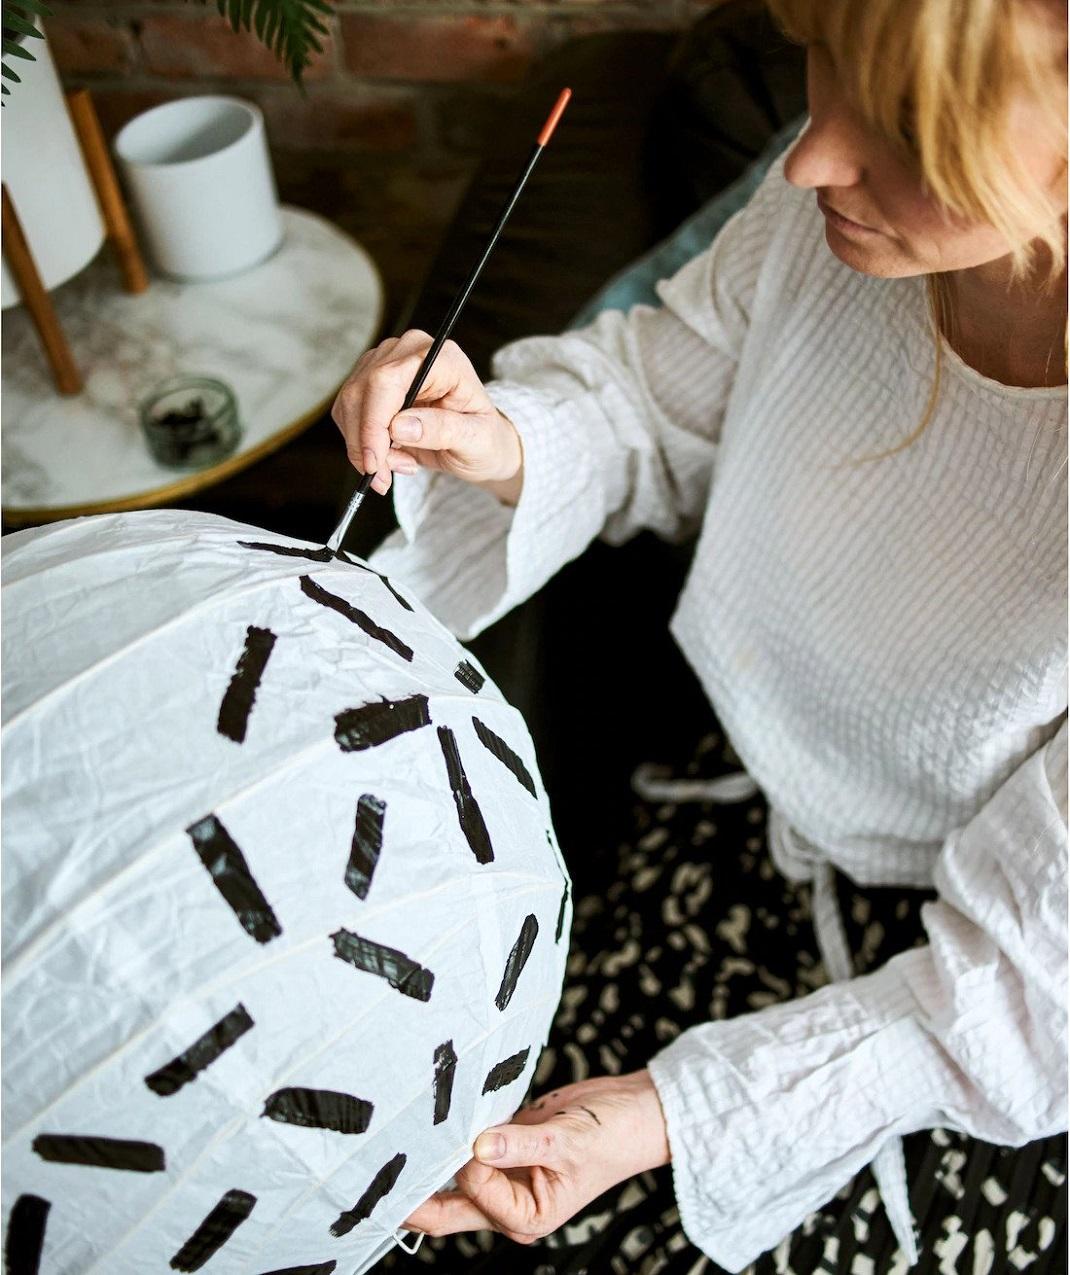 γυναίκα ζωγραφίζει φωτιστικό του ΙΚΕΑ